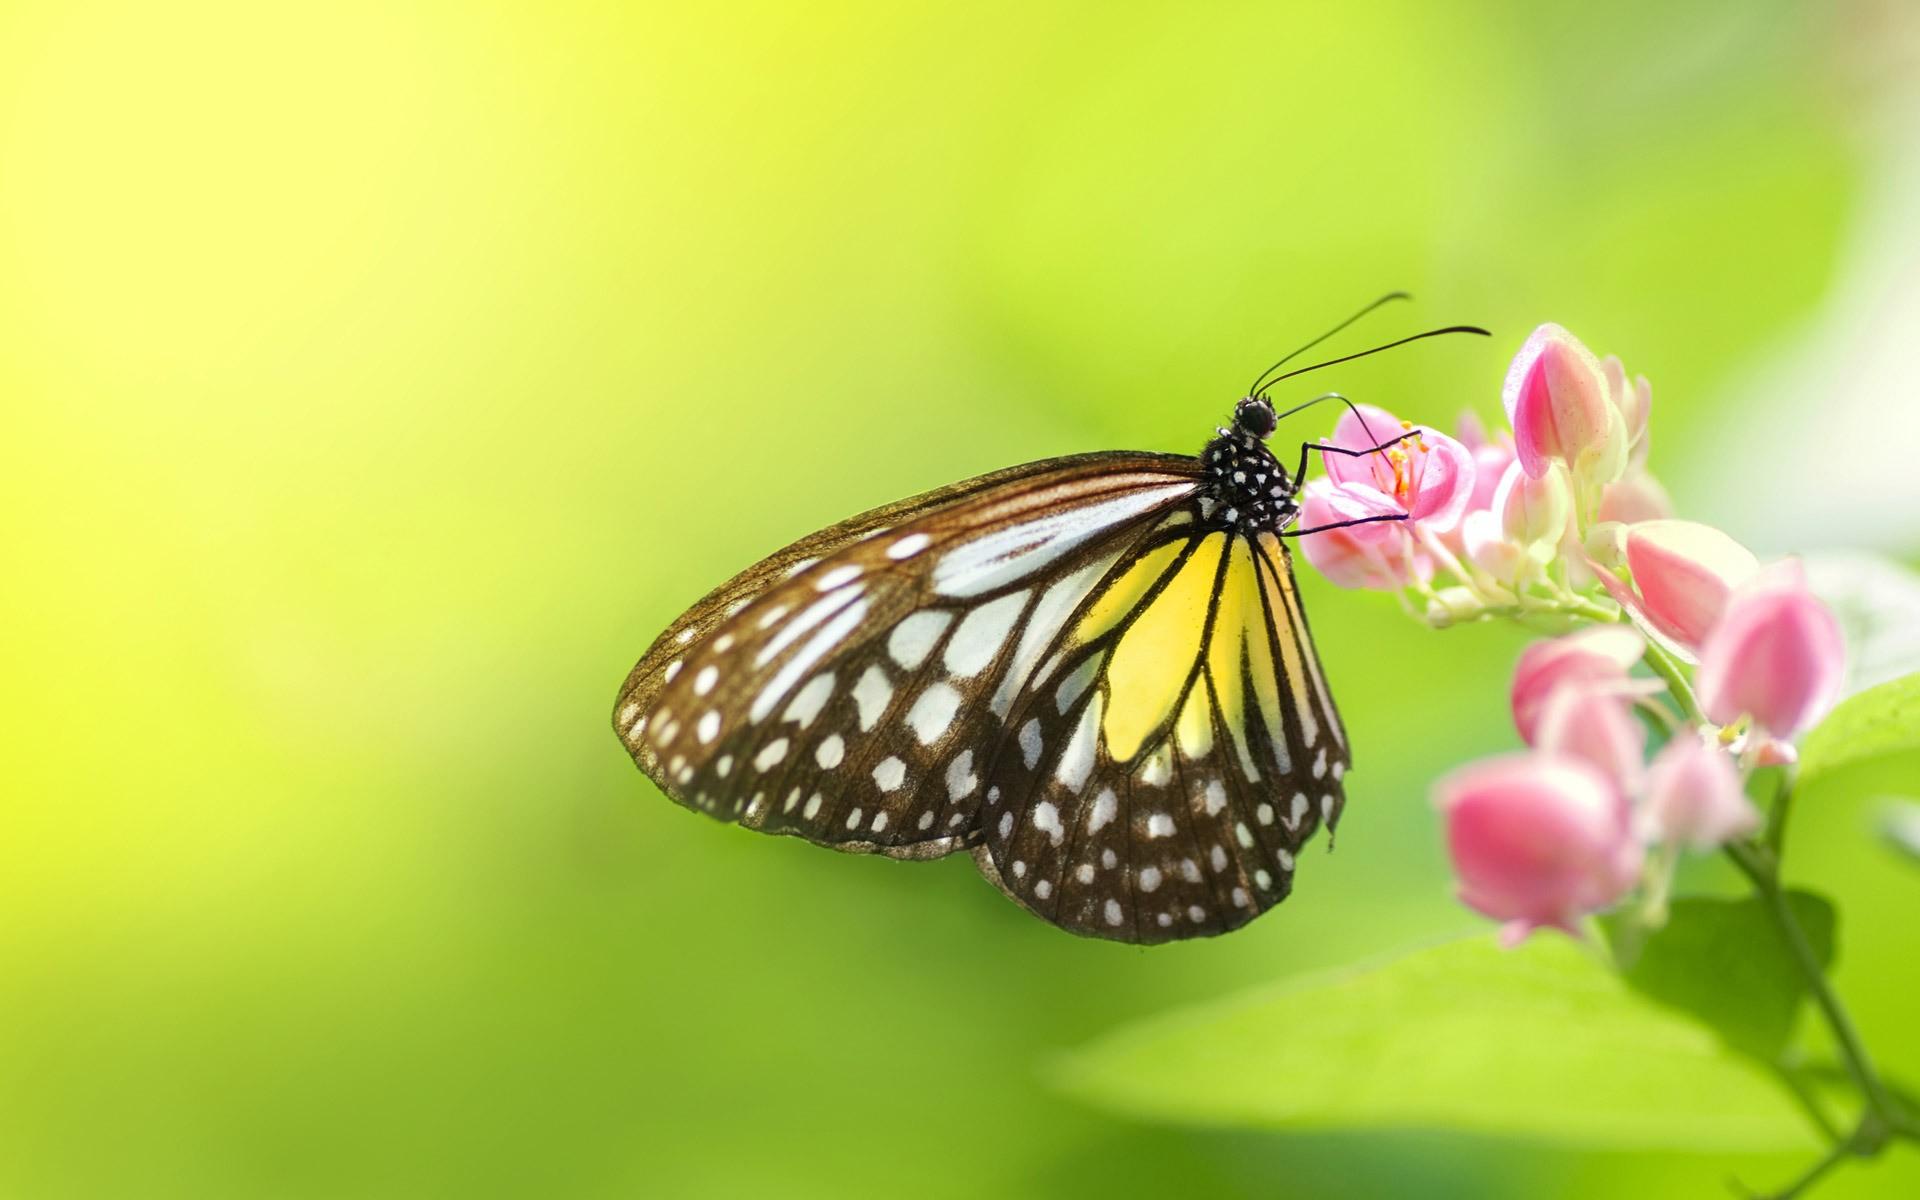 Una mariposa en una flor - 1920x1200